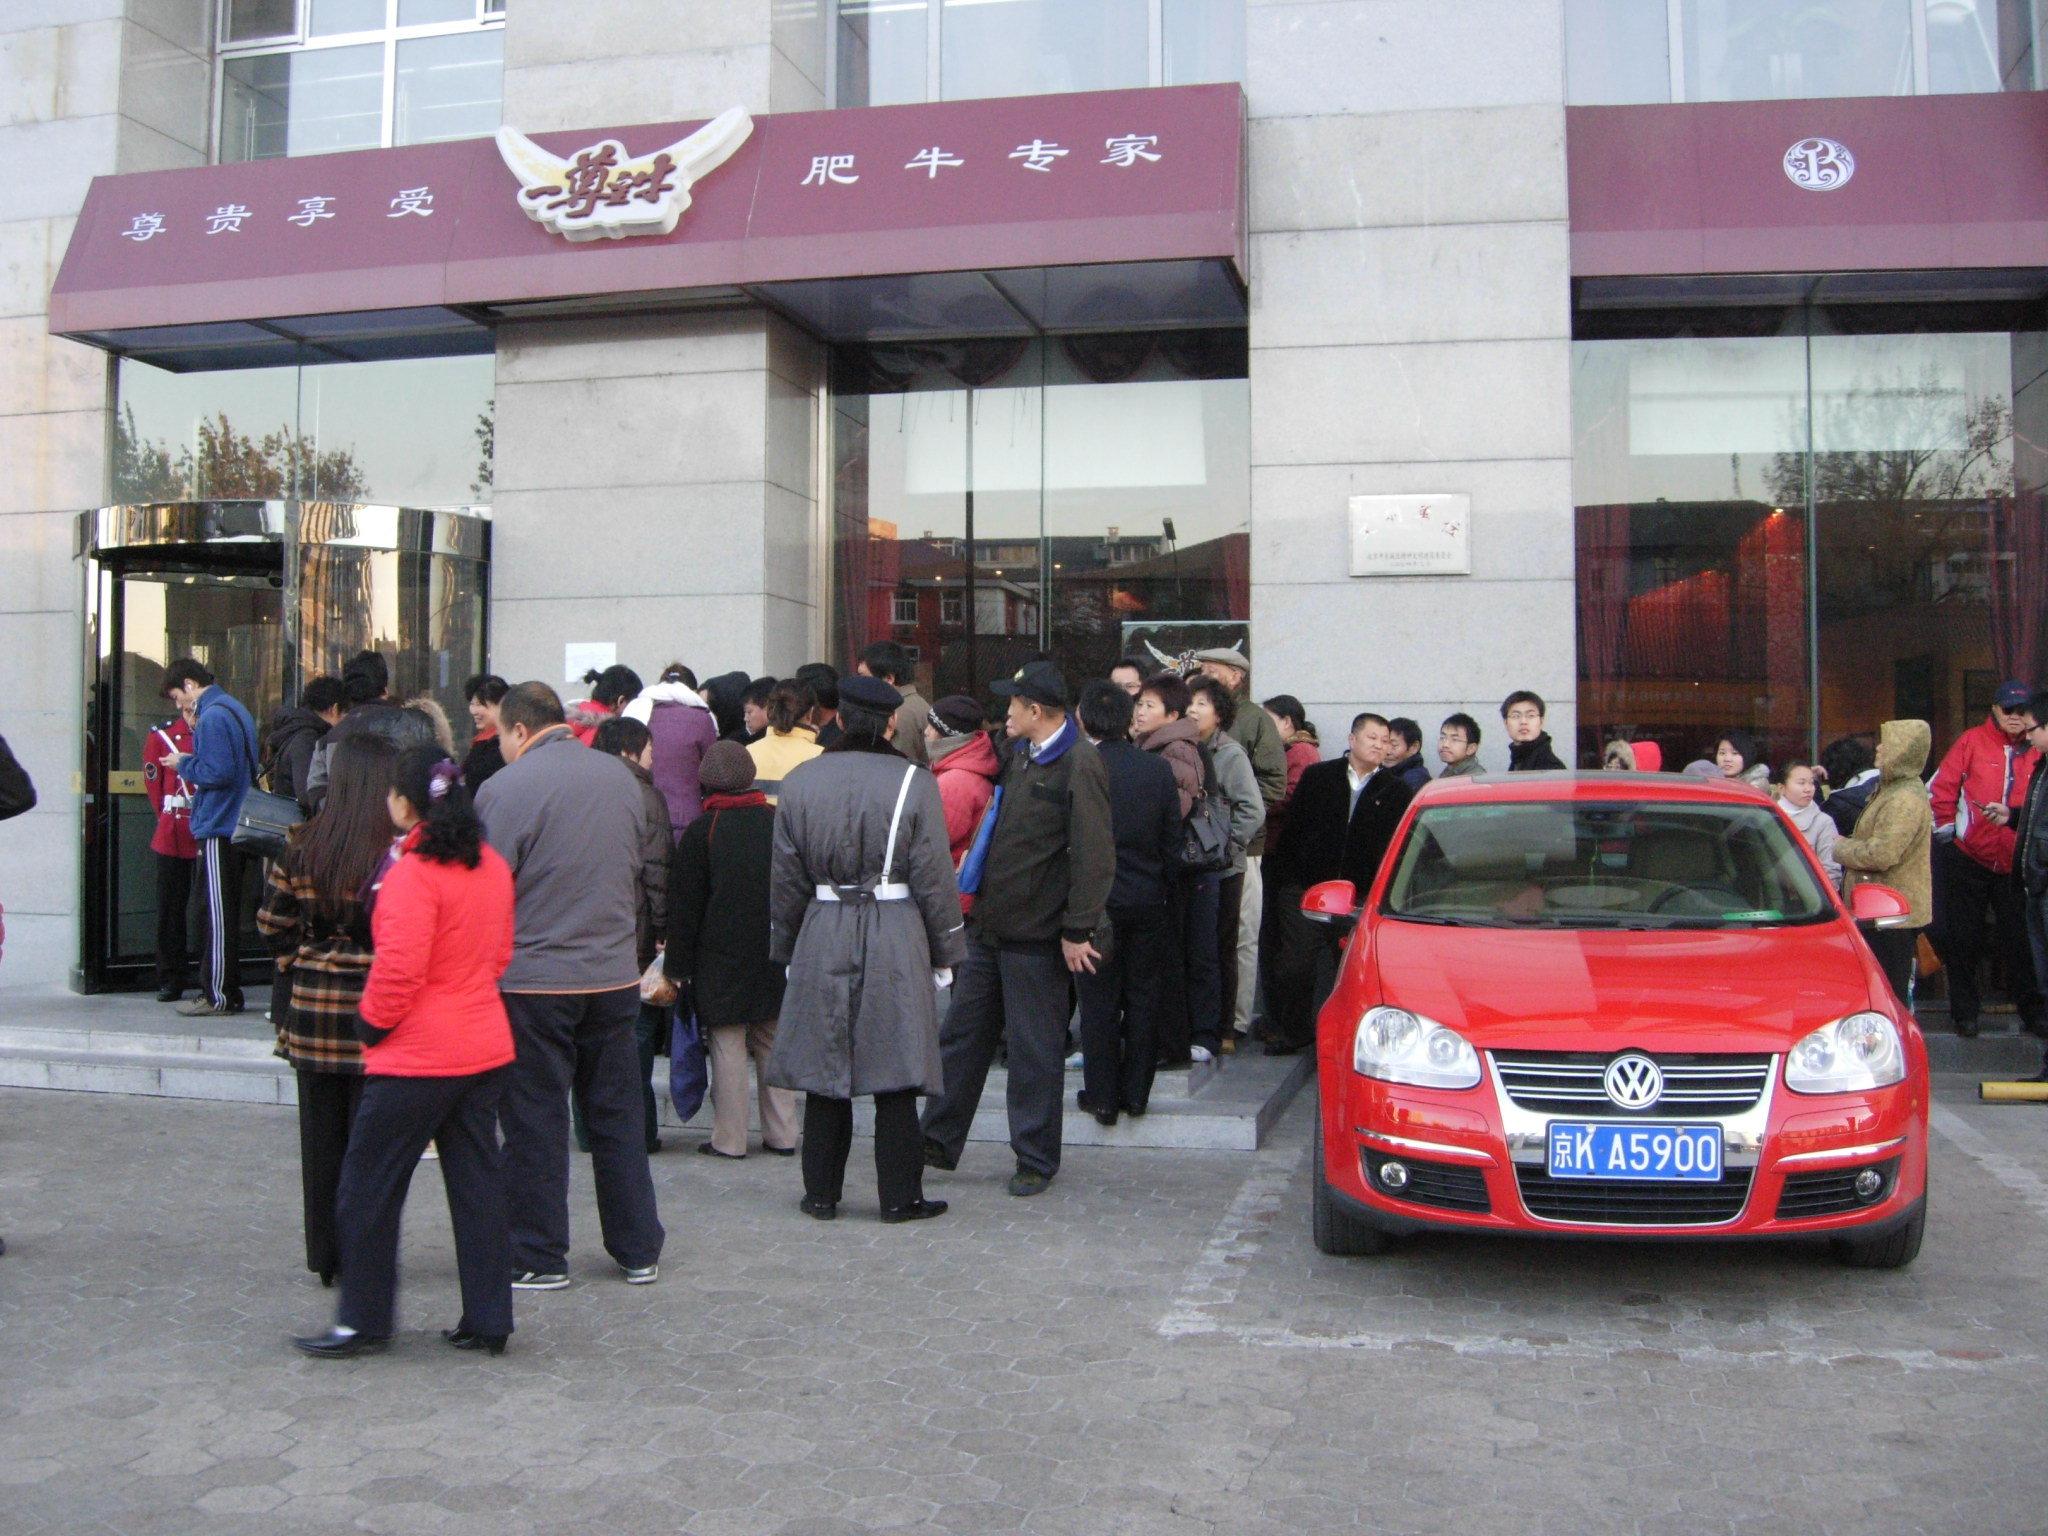 替武大帮排队的GX和昊子同学就在那辆红色的大众后面